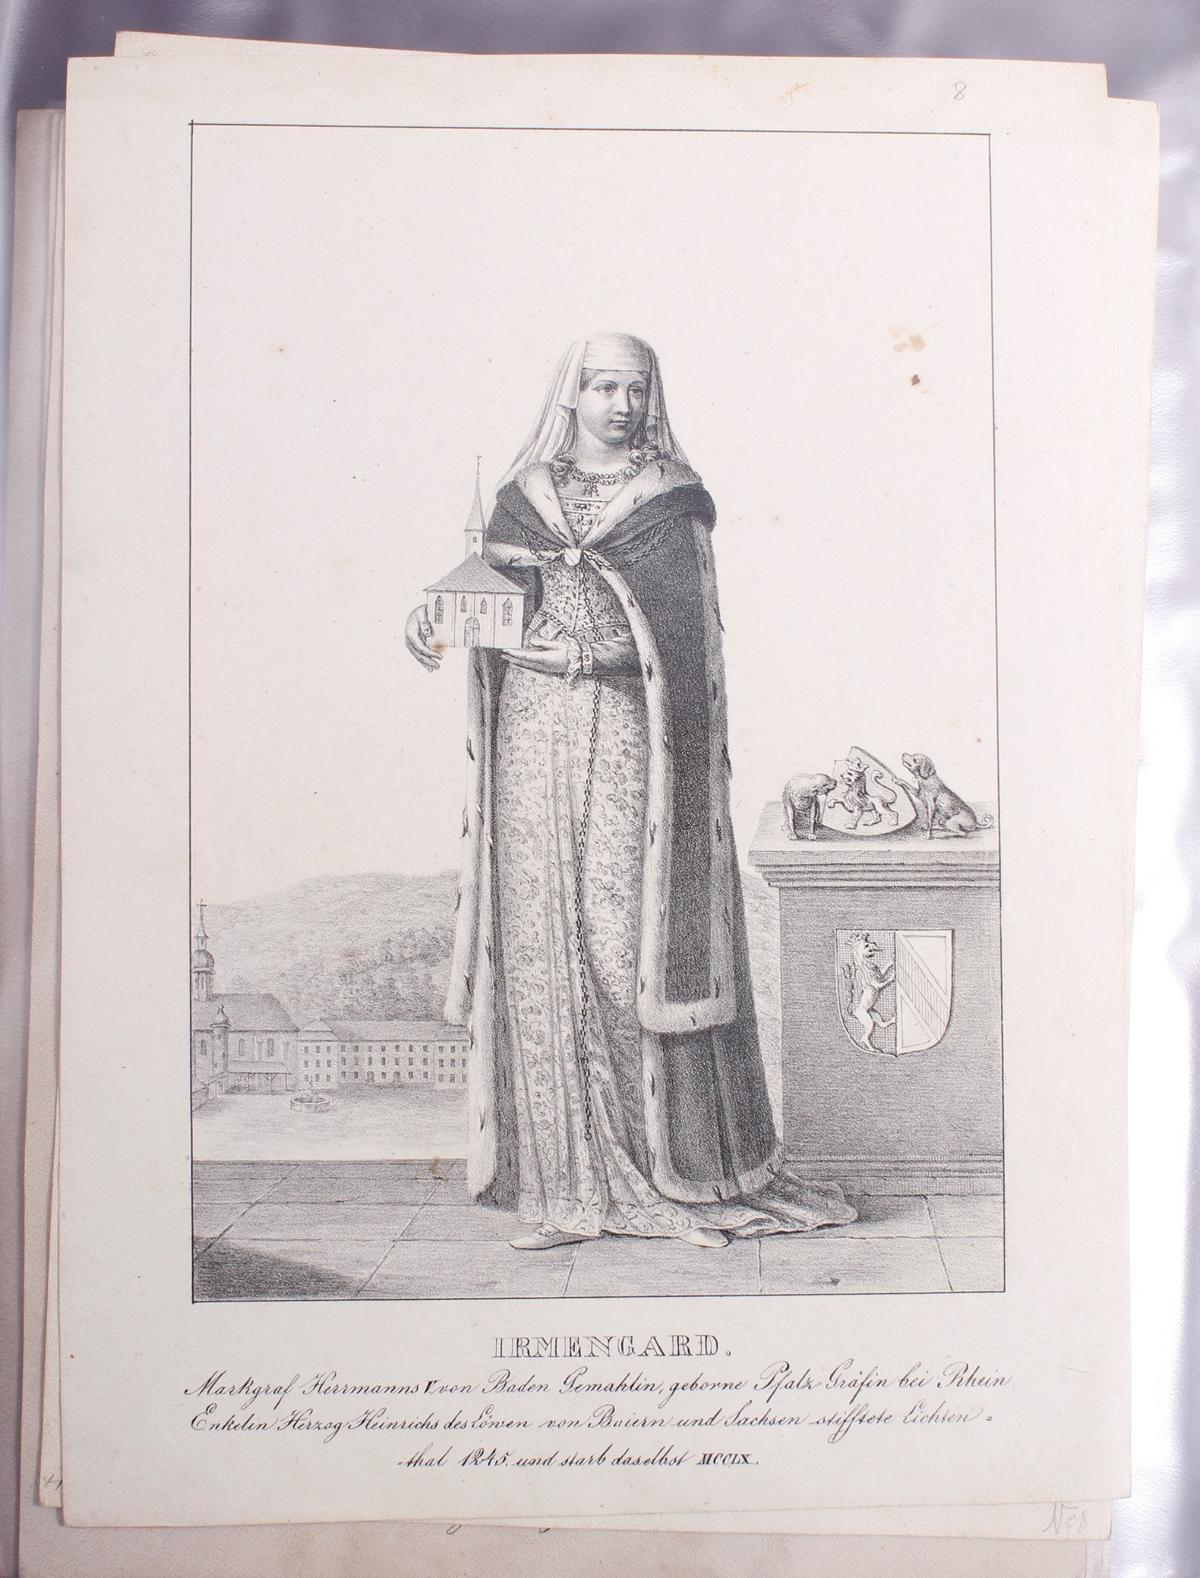 Abbildungen der Regenten des fürstlichen Hauses Baden-9